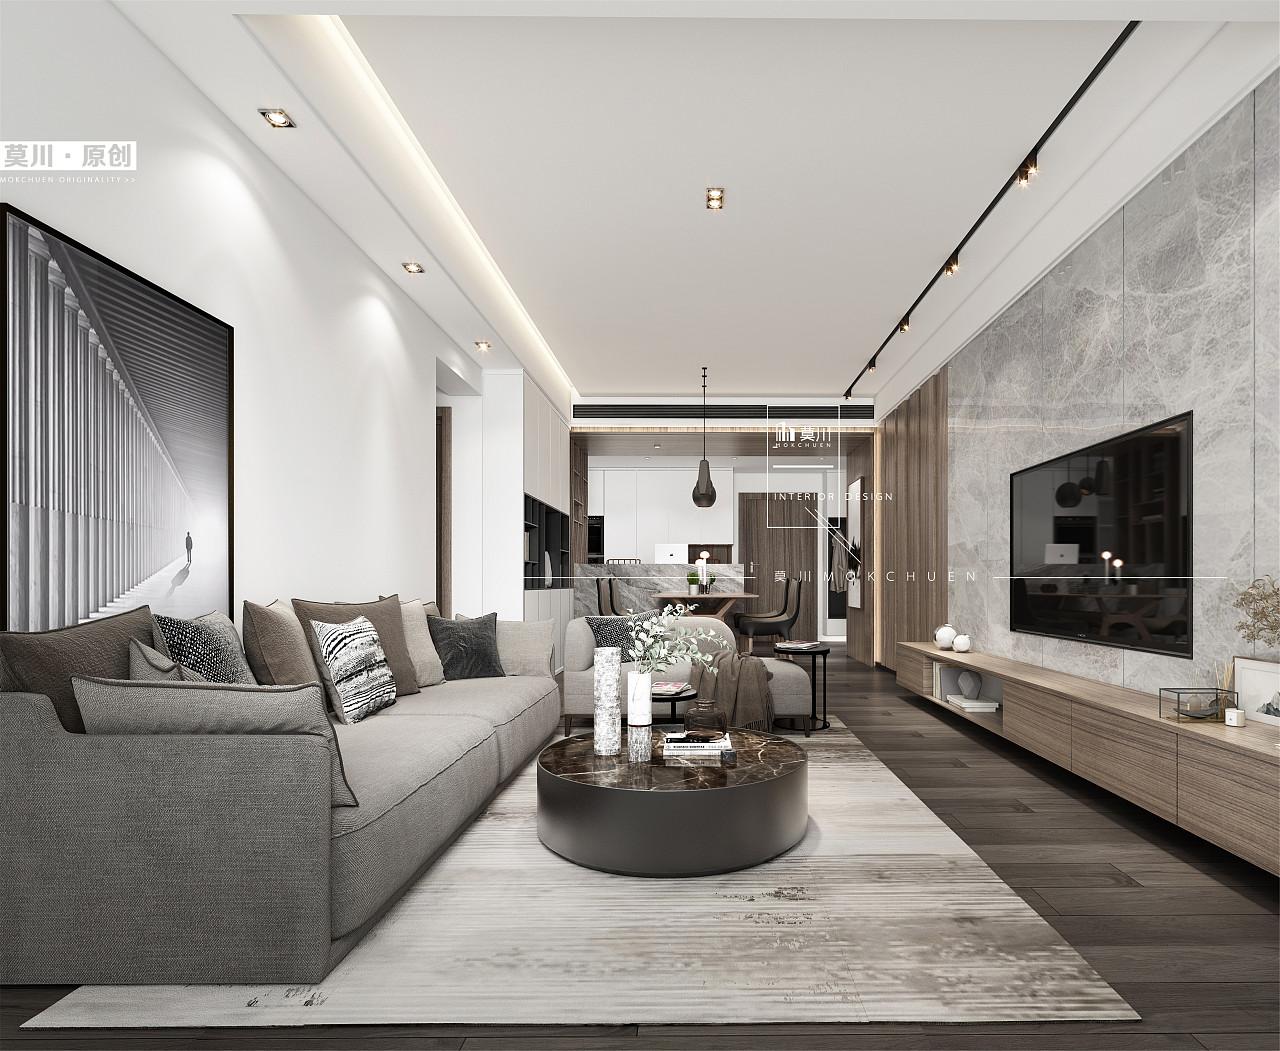 客厅背景墙采用灰色大理石与木饰面碰撞做延伸,巧妙地连接主卧暗藏门